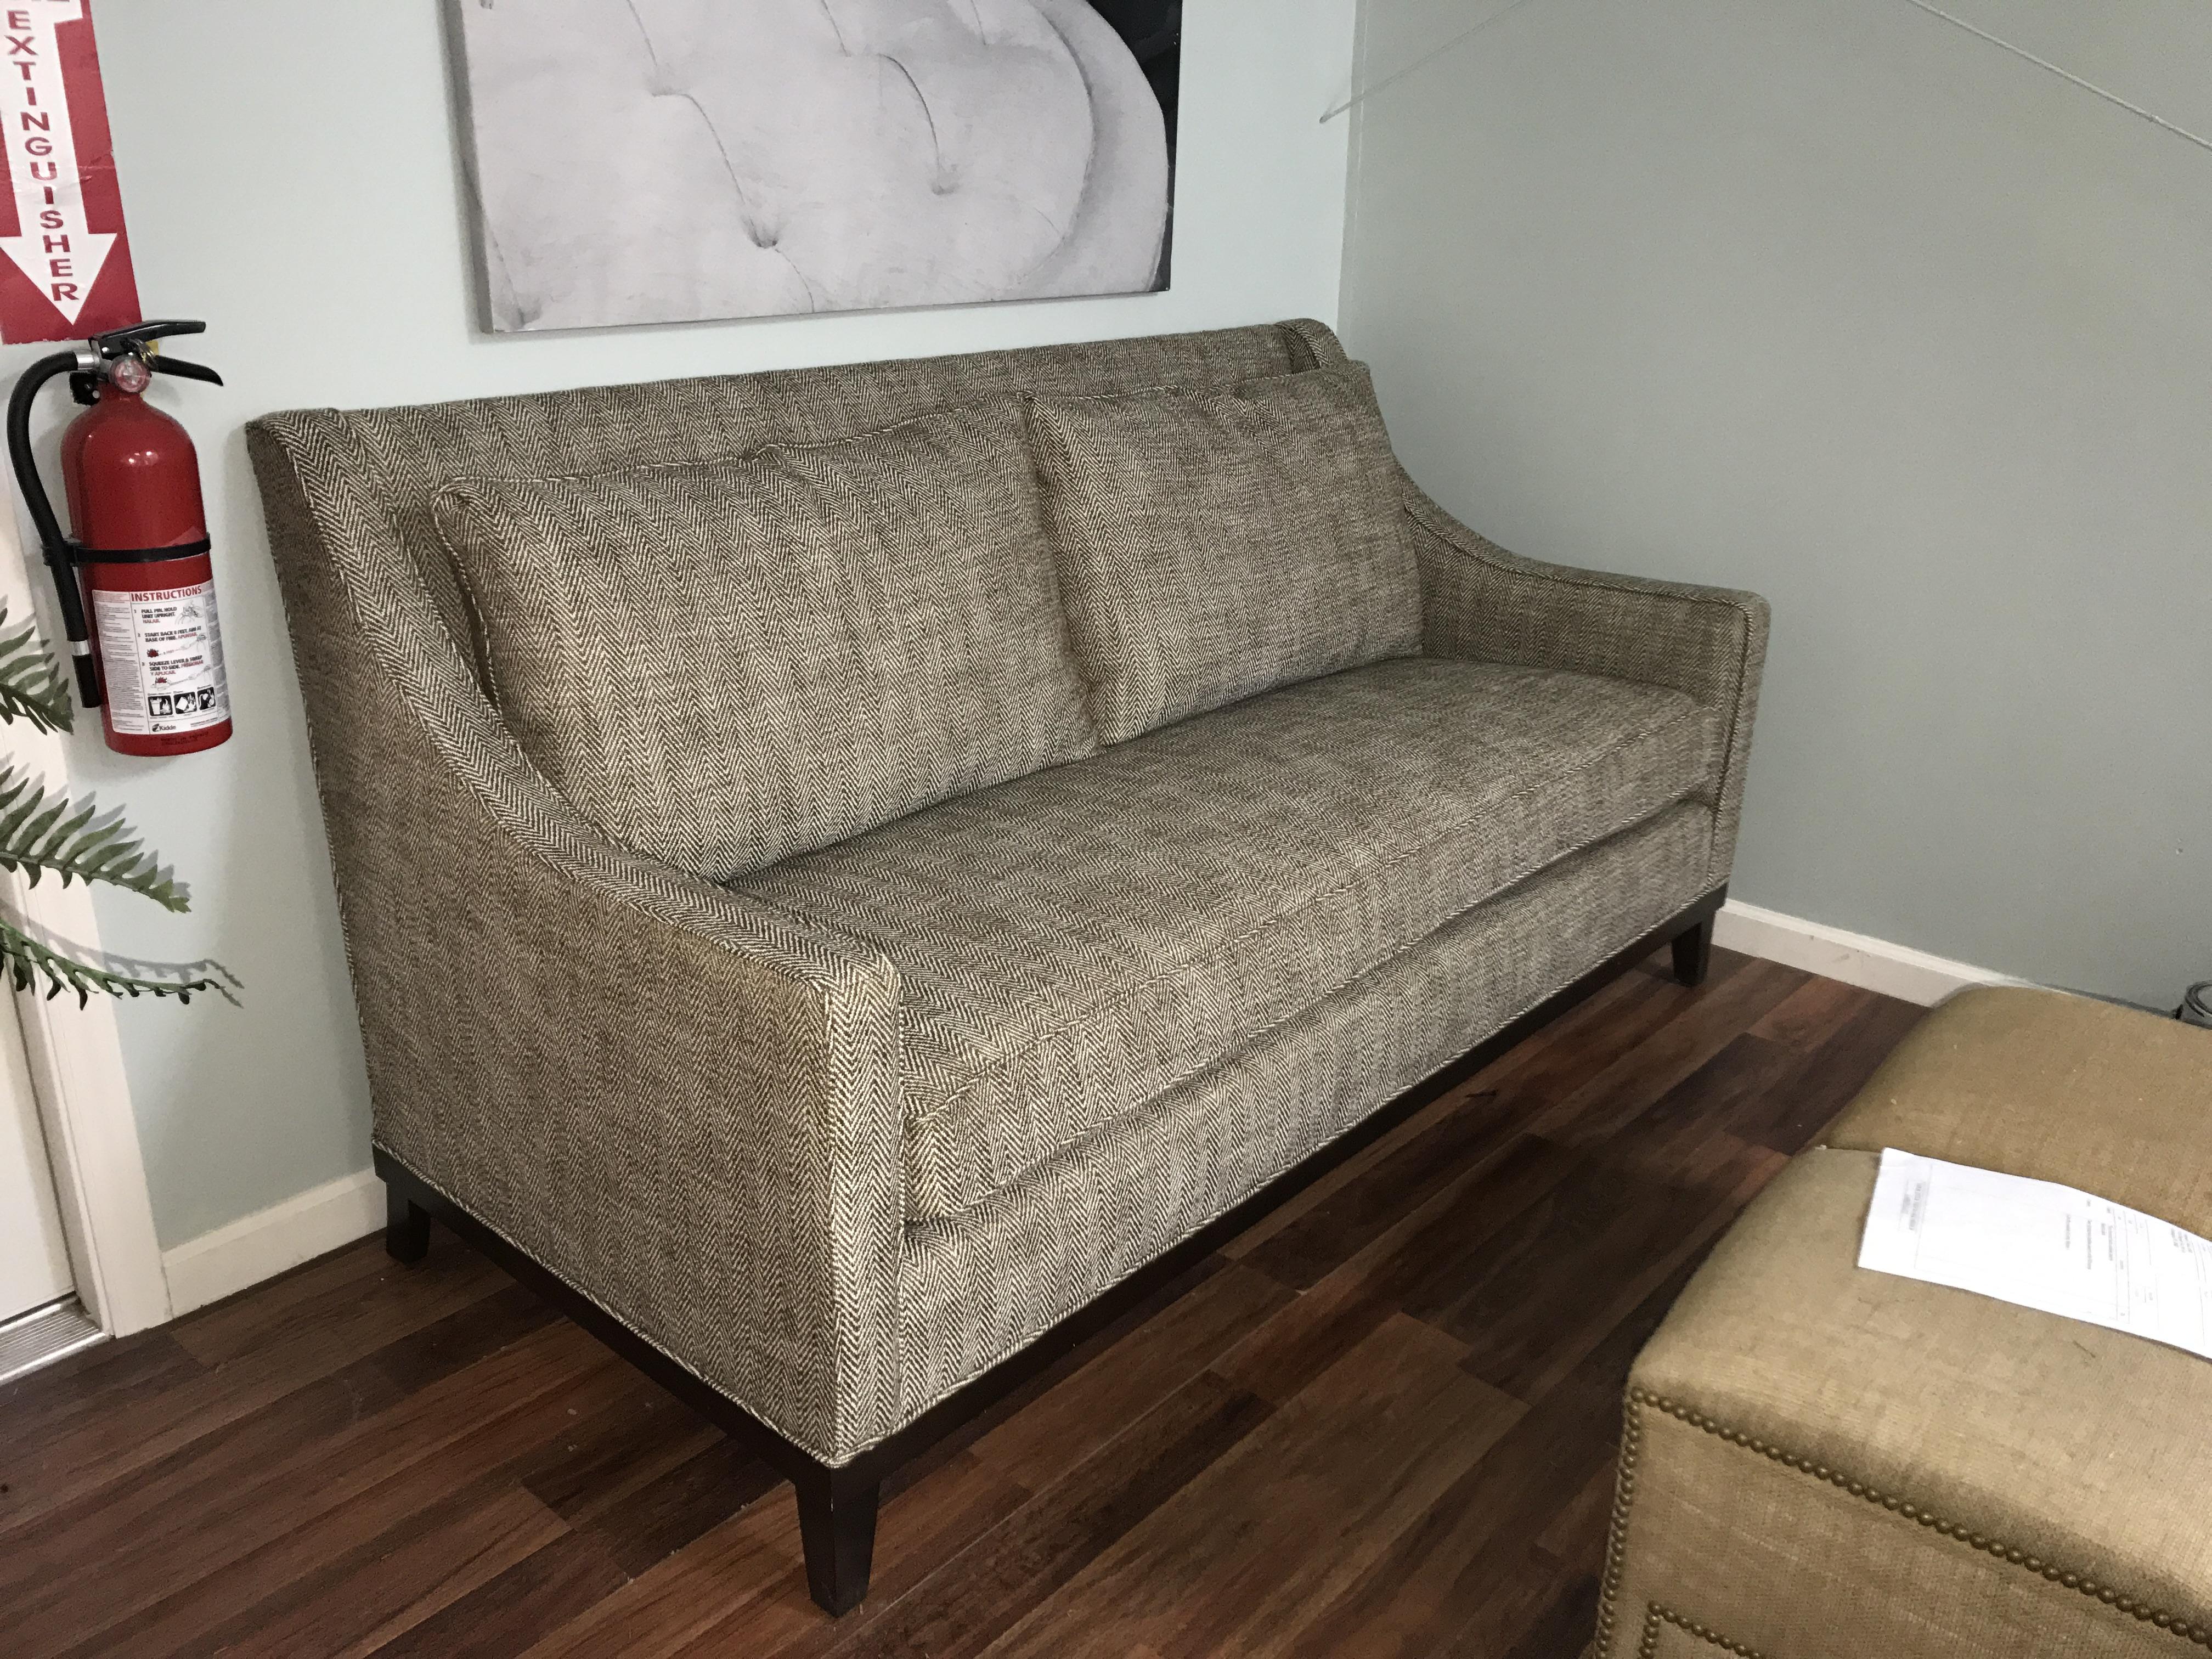 LS-211 – Lester Furniture Mfg